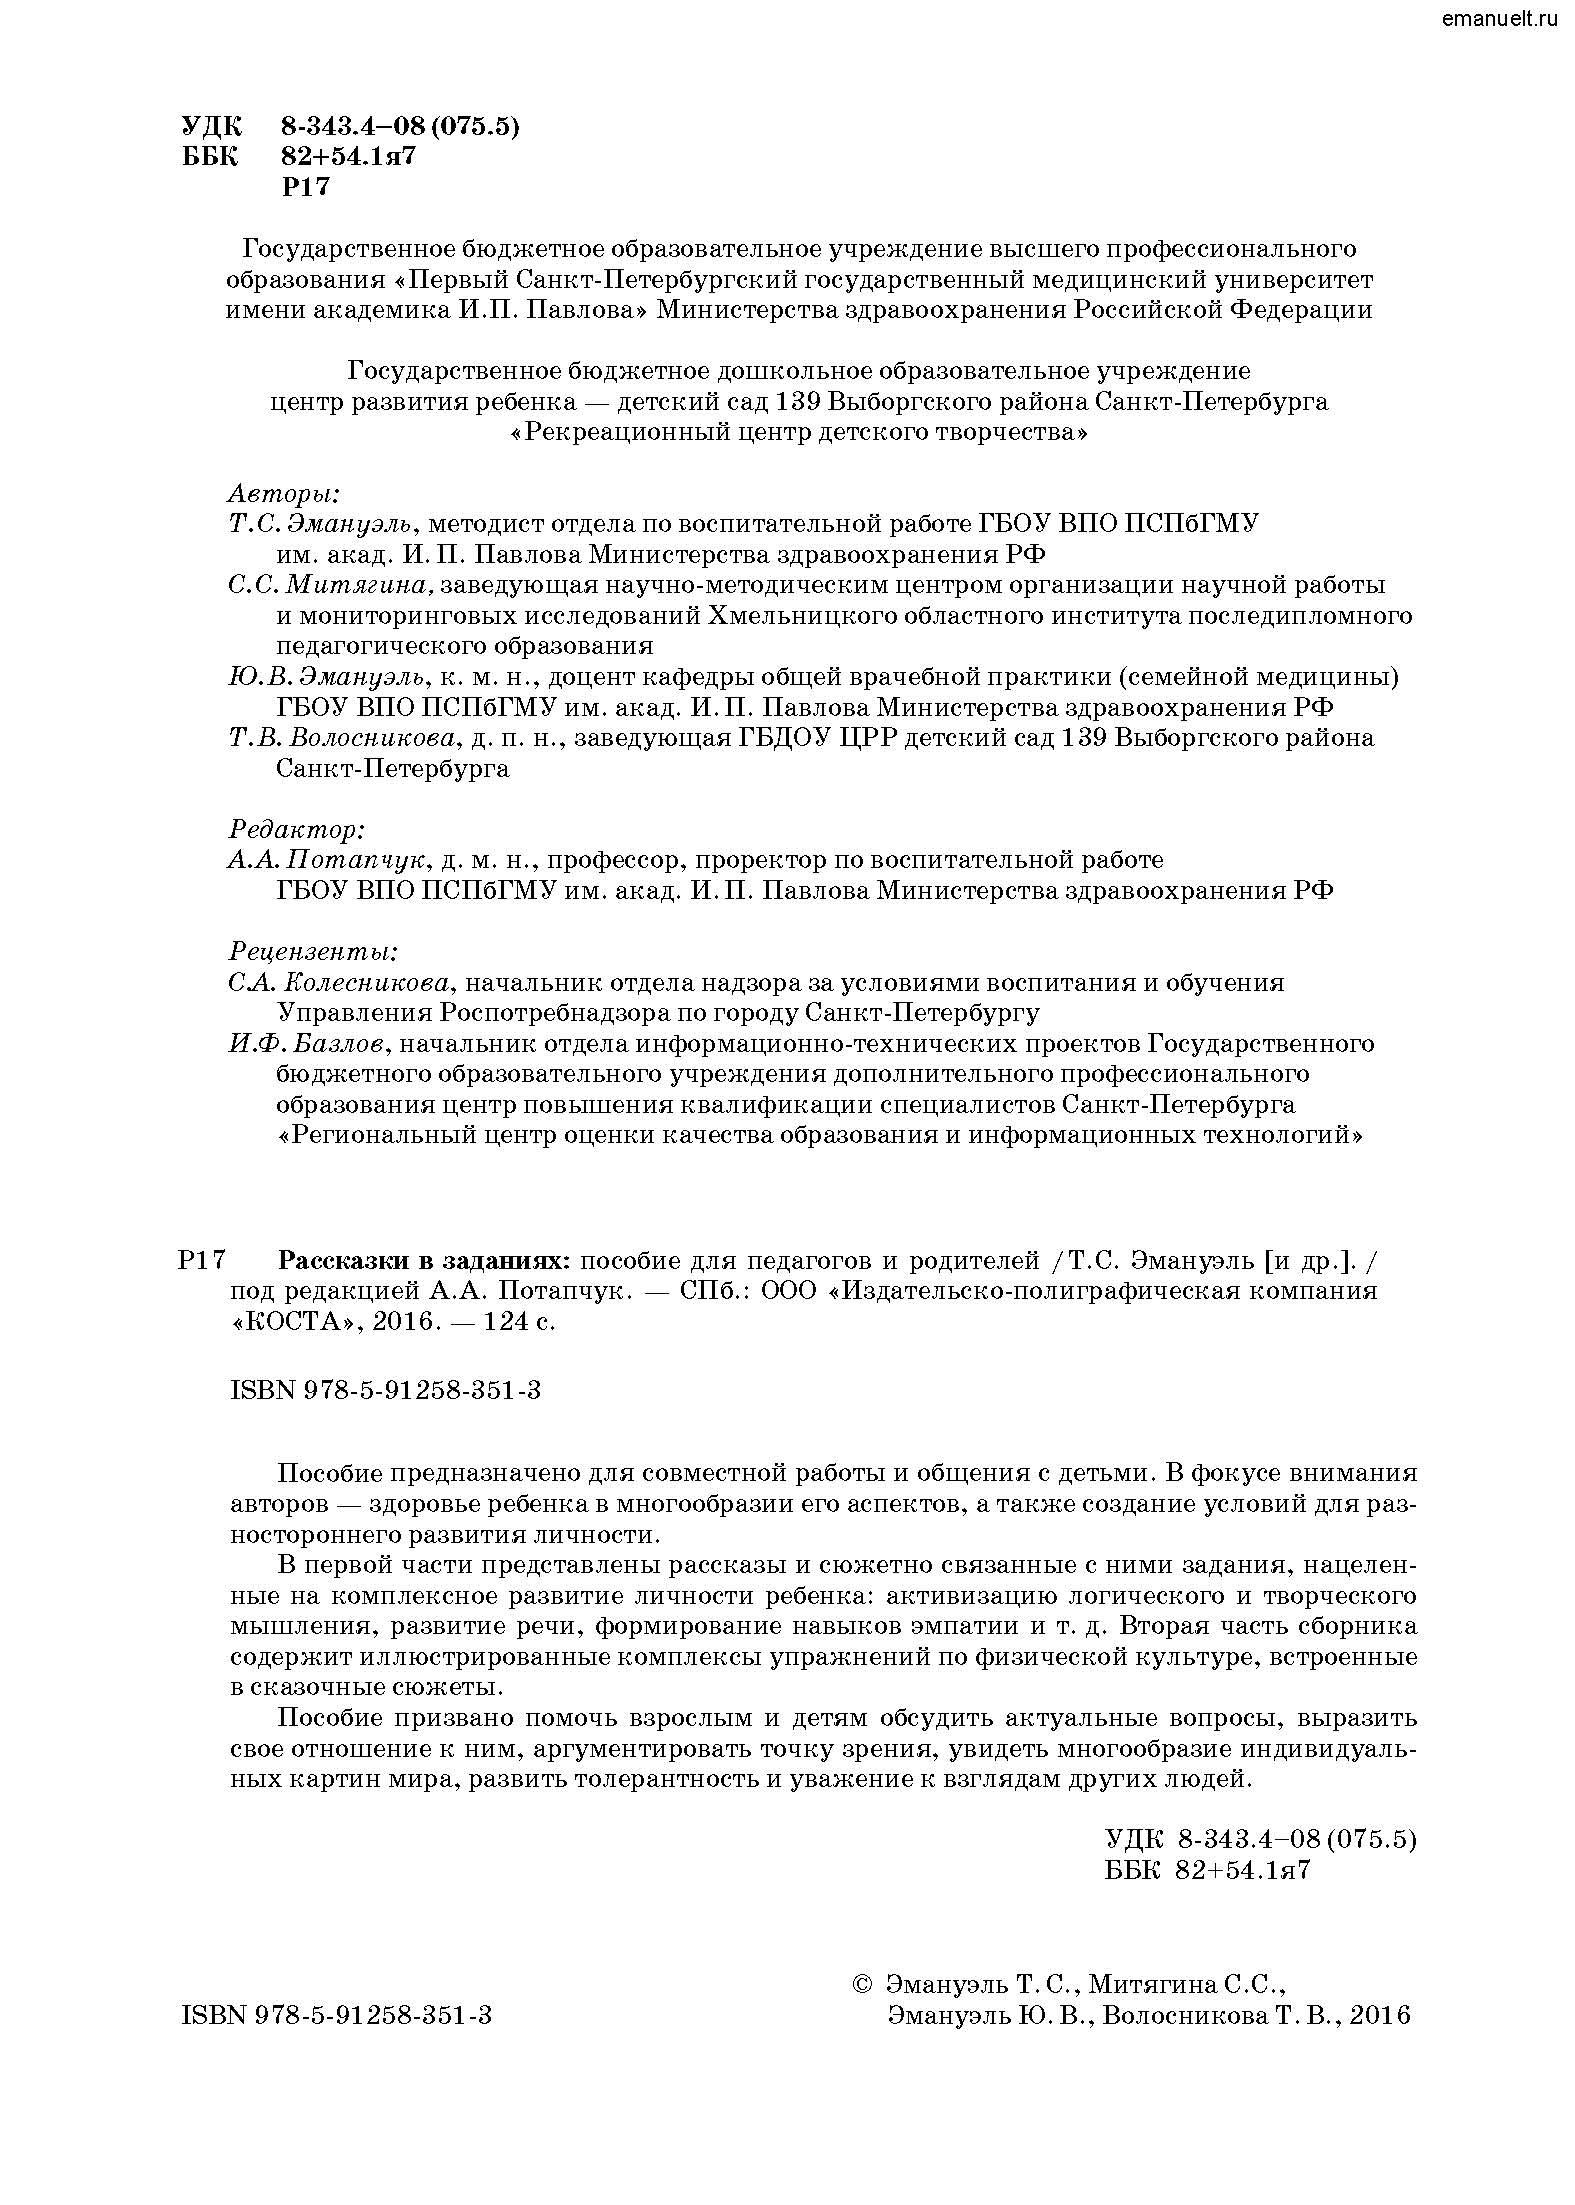 Рассказки в заданиях. emanuelt.ru_Страница_003